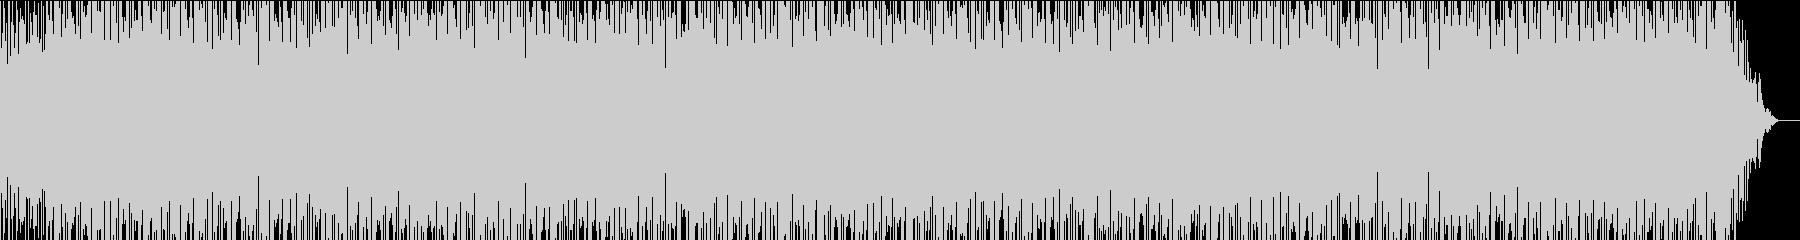 Drum'n'bassに進化したBlueの未再生の波形